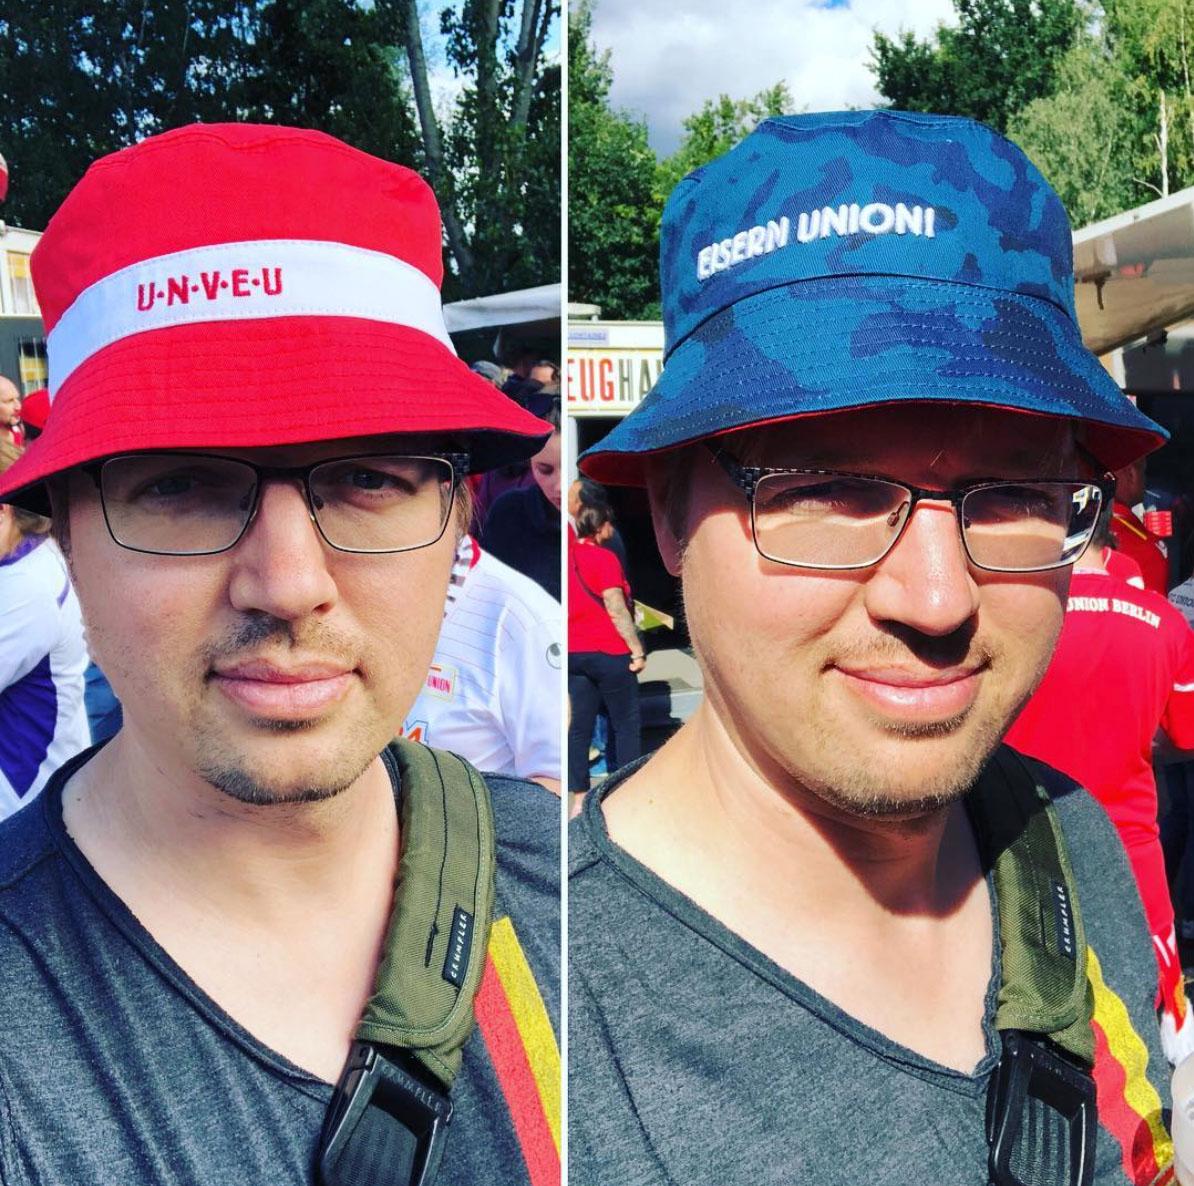 Debatte um Fanwachstum bei 11Freunde und die Frage, ob ich den Union-Anglerhut jetzt nur noch ironisch tragen darf?, Foto: Sebastian Fiebrig